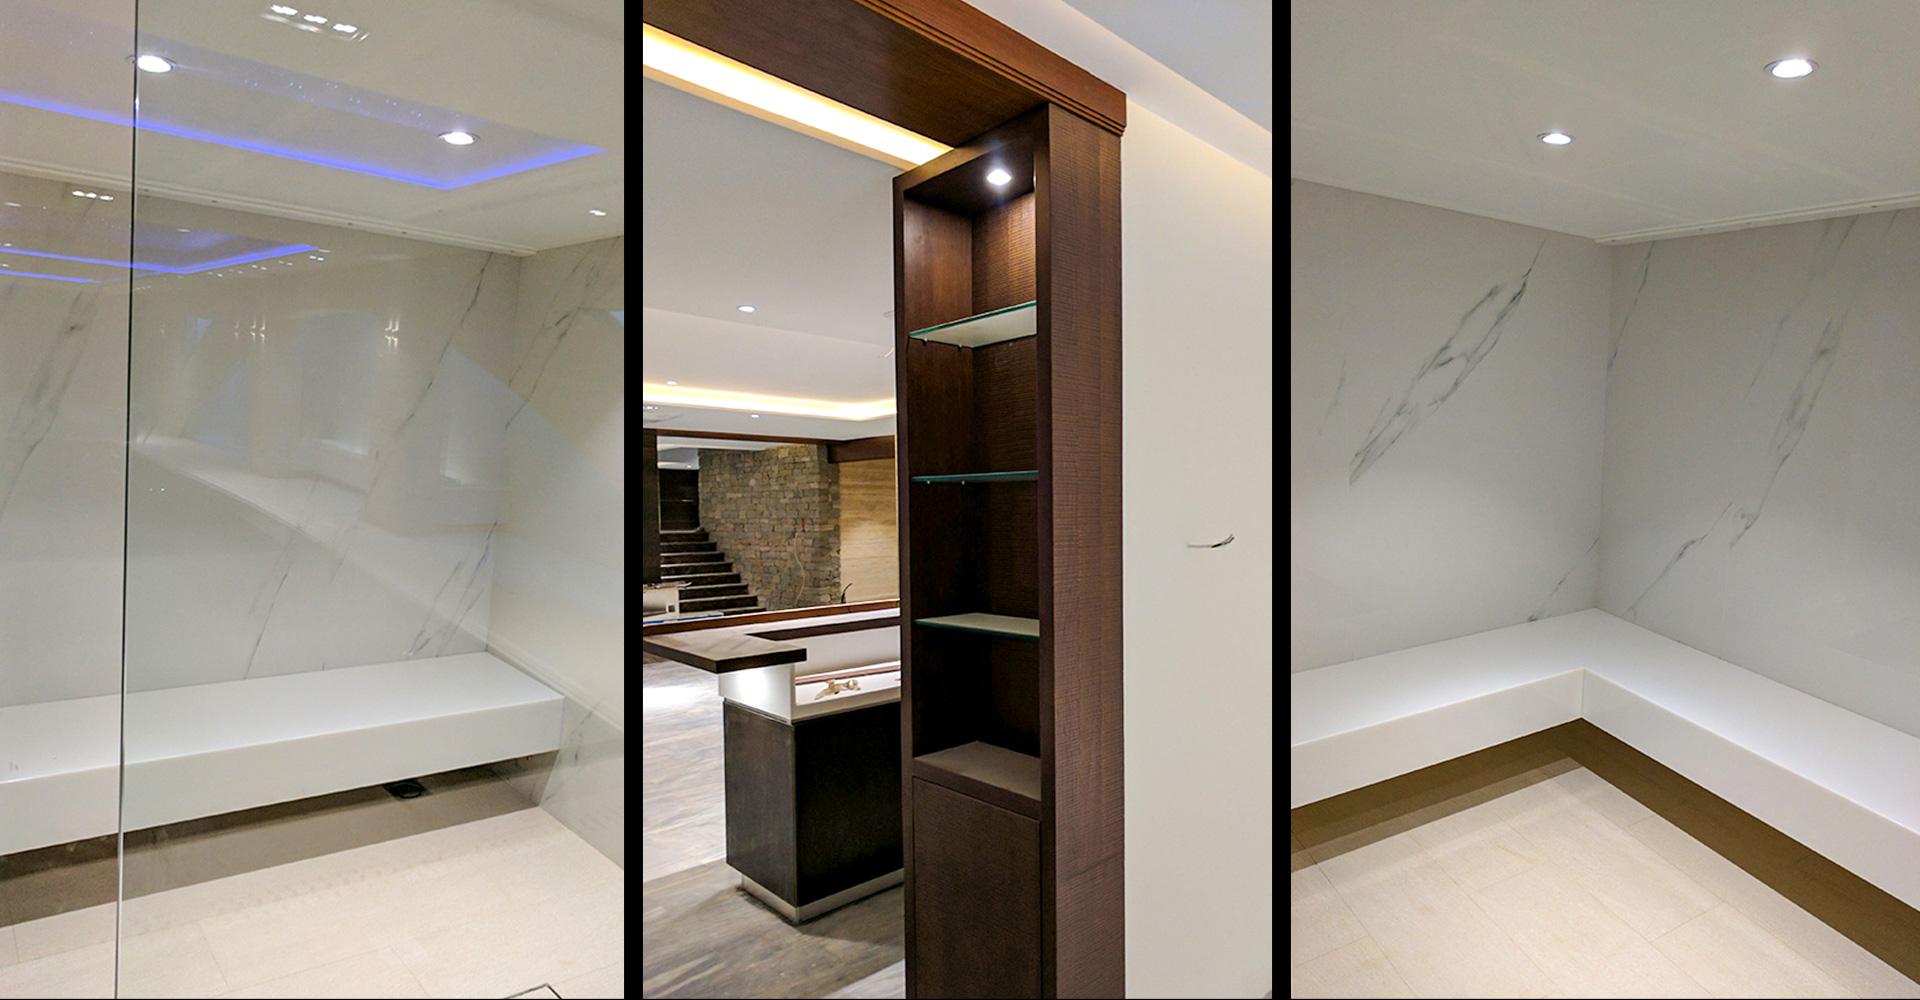 Residential-Interior-Design-Hiline-Lahore-portfolio-65J-DHA-EME-05 (27)